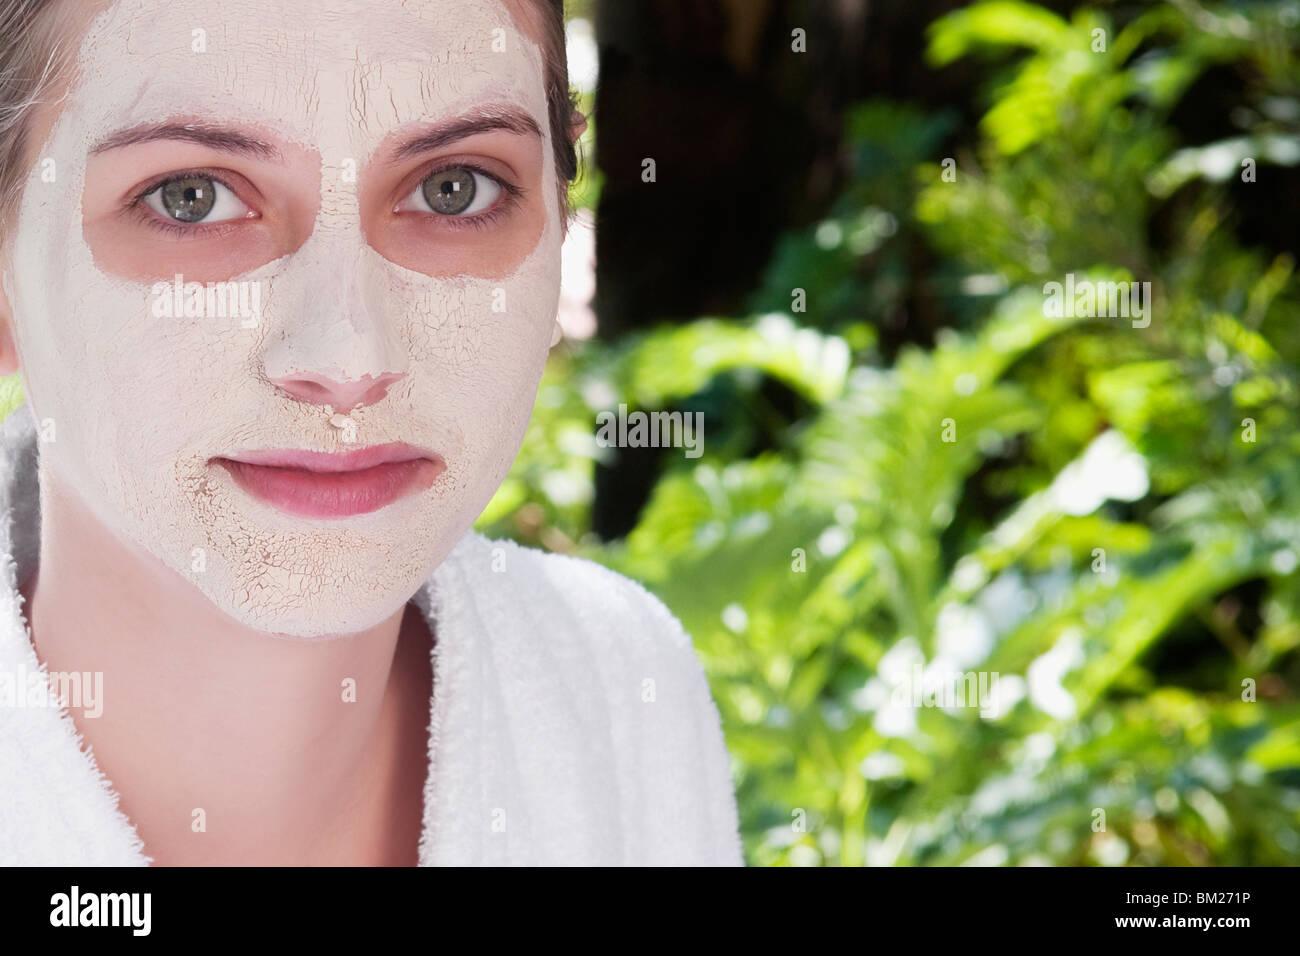 Mujer con máscara facial en su cara Imagen De Stock